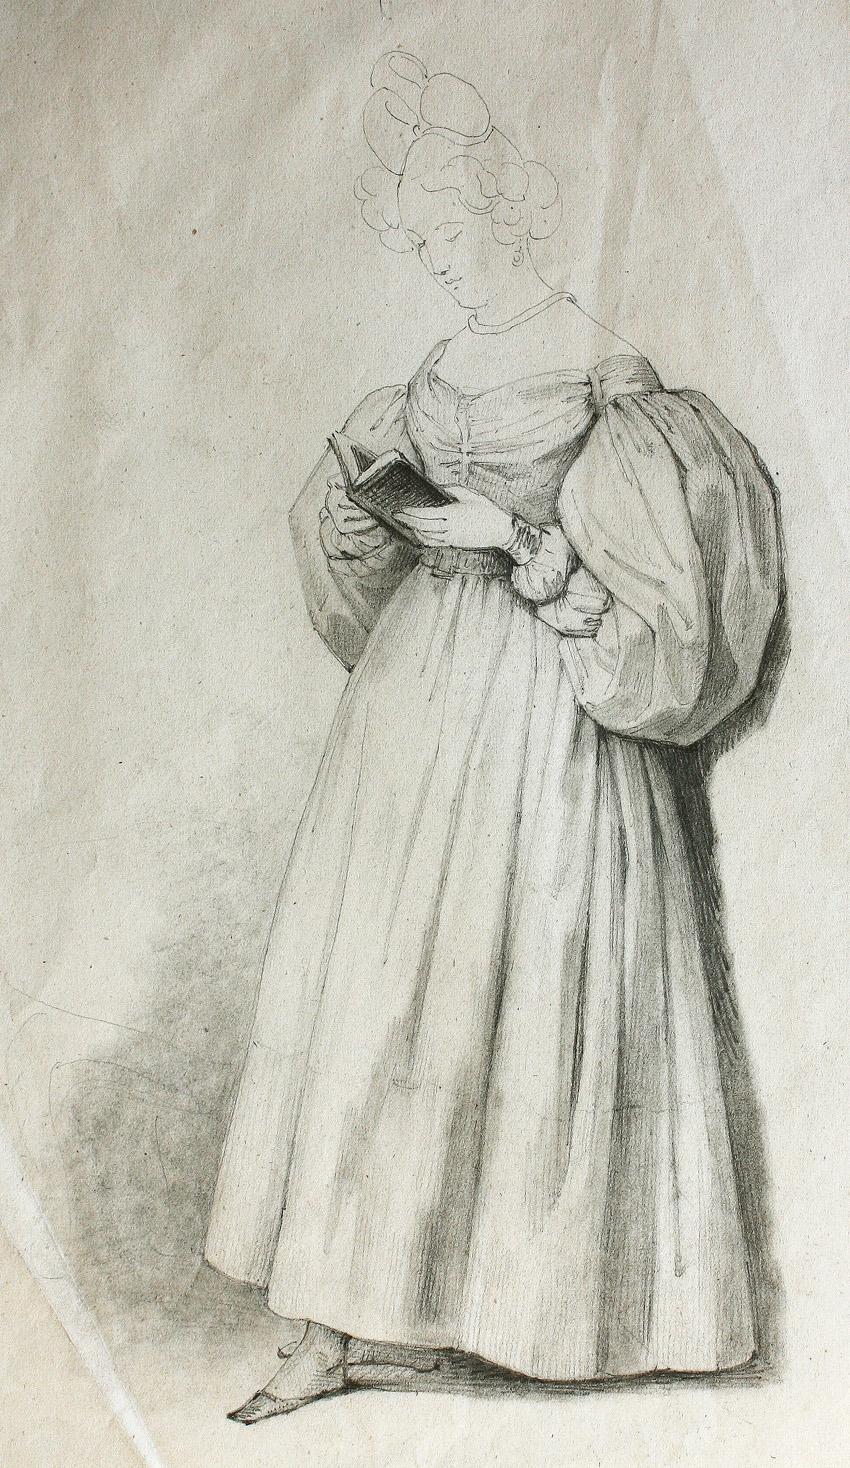 Mujer leyendo, de Rosario Weiss, Burdeos o Madrid, 1830-38, lápiz negro sobre papel, 256 x 200 mm.